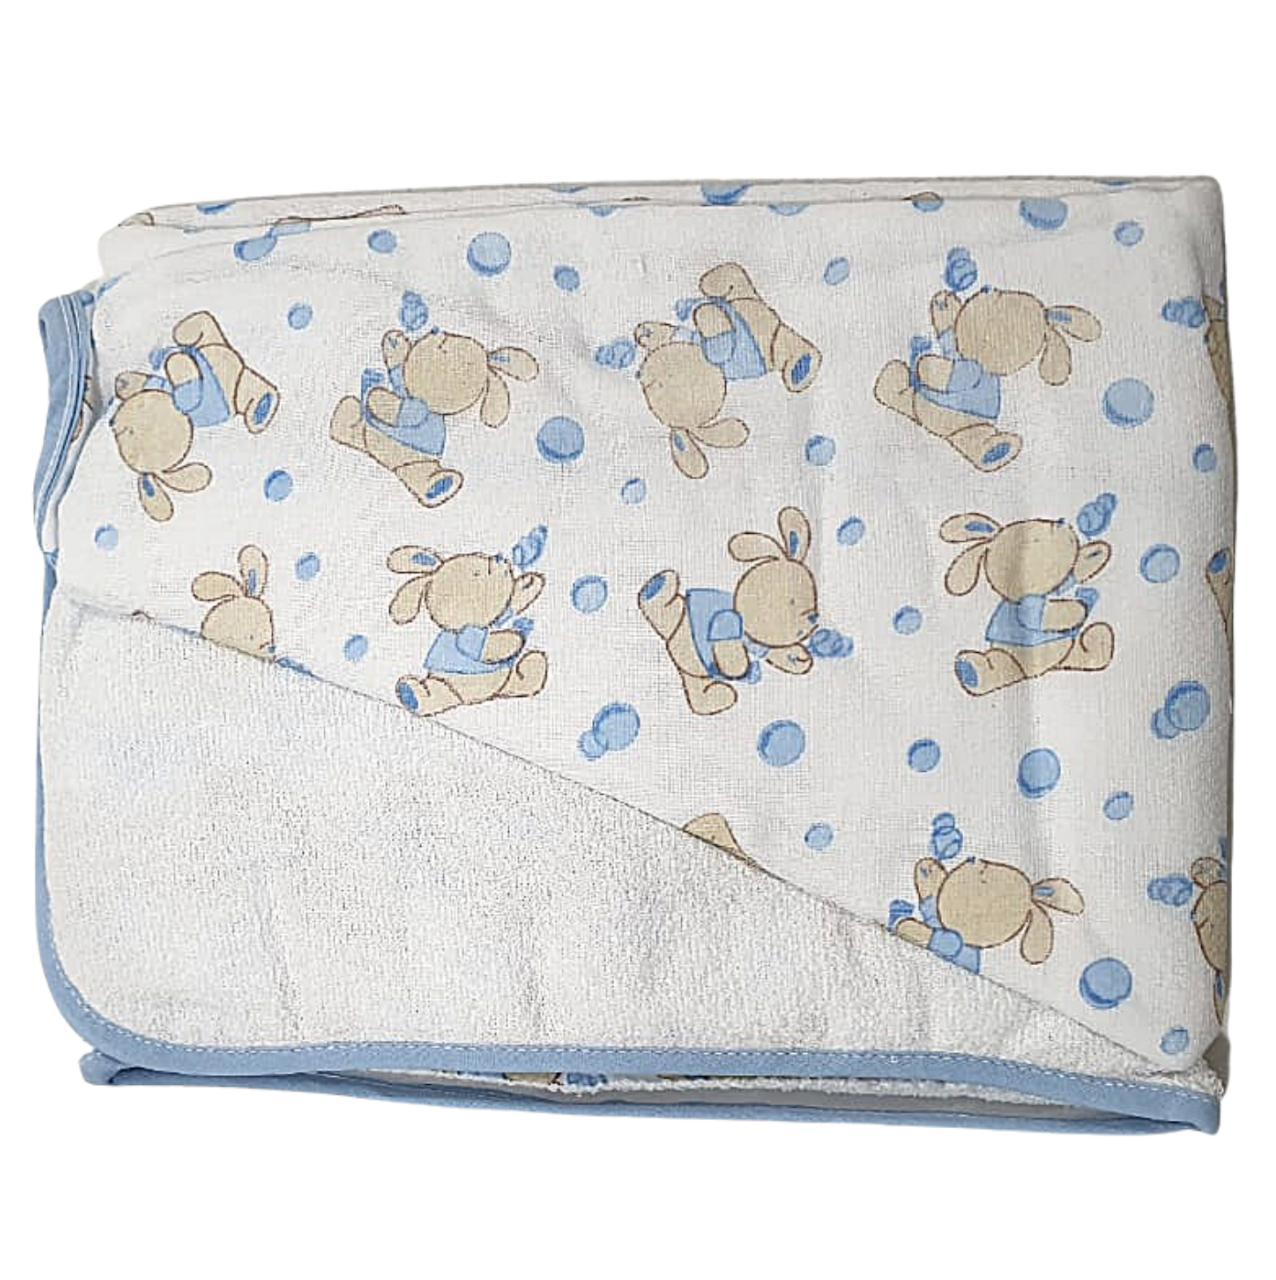 Toalha de Banho Felpuda - Com Capuz Bordado - Forro em Fralda -  70cm x 1,08m - Minasrey